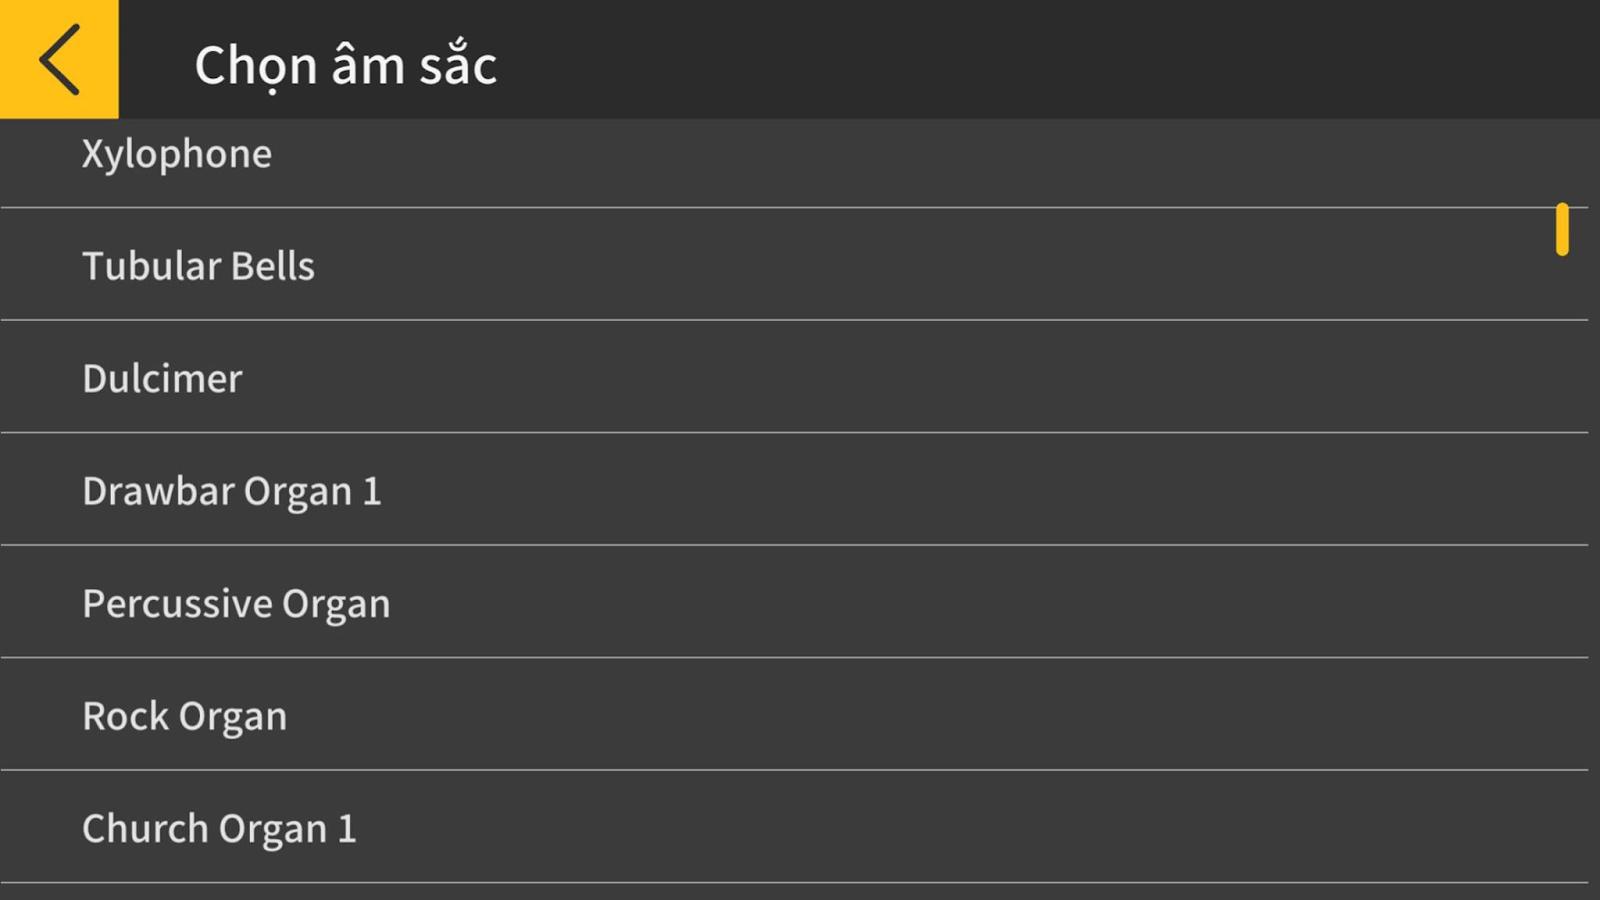 Chordana Play, bạn có thể dễ dàng tìm và chọn cho mình âm sắc yêu thích dựa trên 1 danh sách các tiếng được hiển thị rõ ràng trên màn hình thiết bị di động.